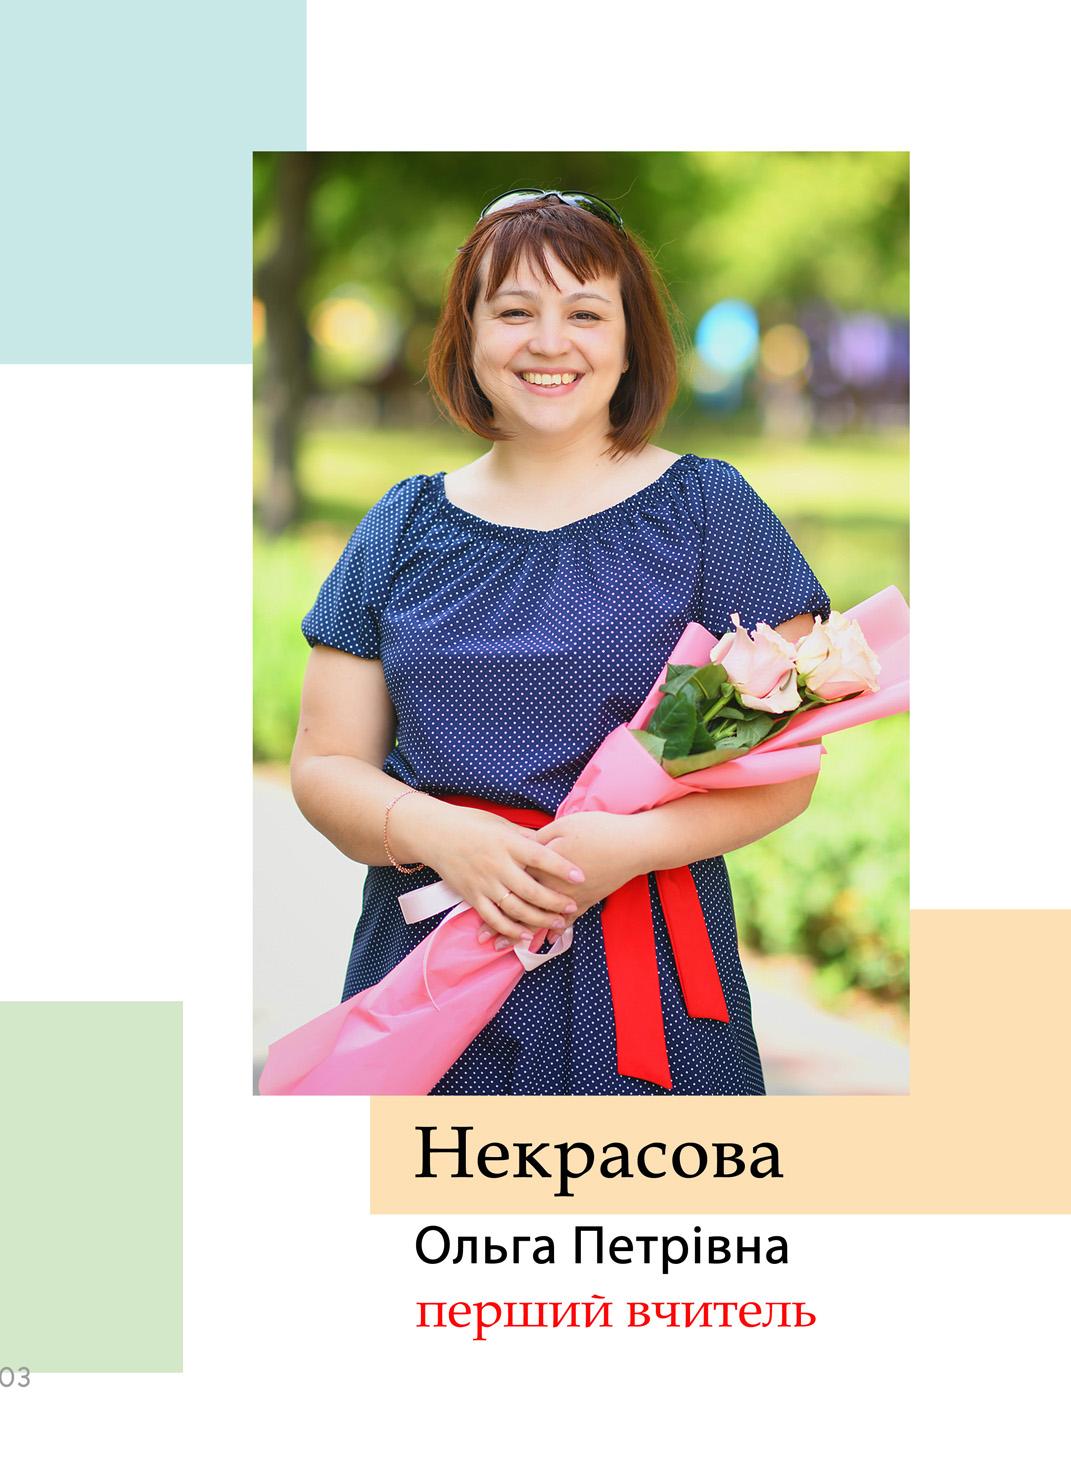 https://school-photo.com.ua/wp-content/uploads/2021/09/03-копия.jpg